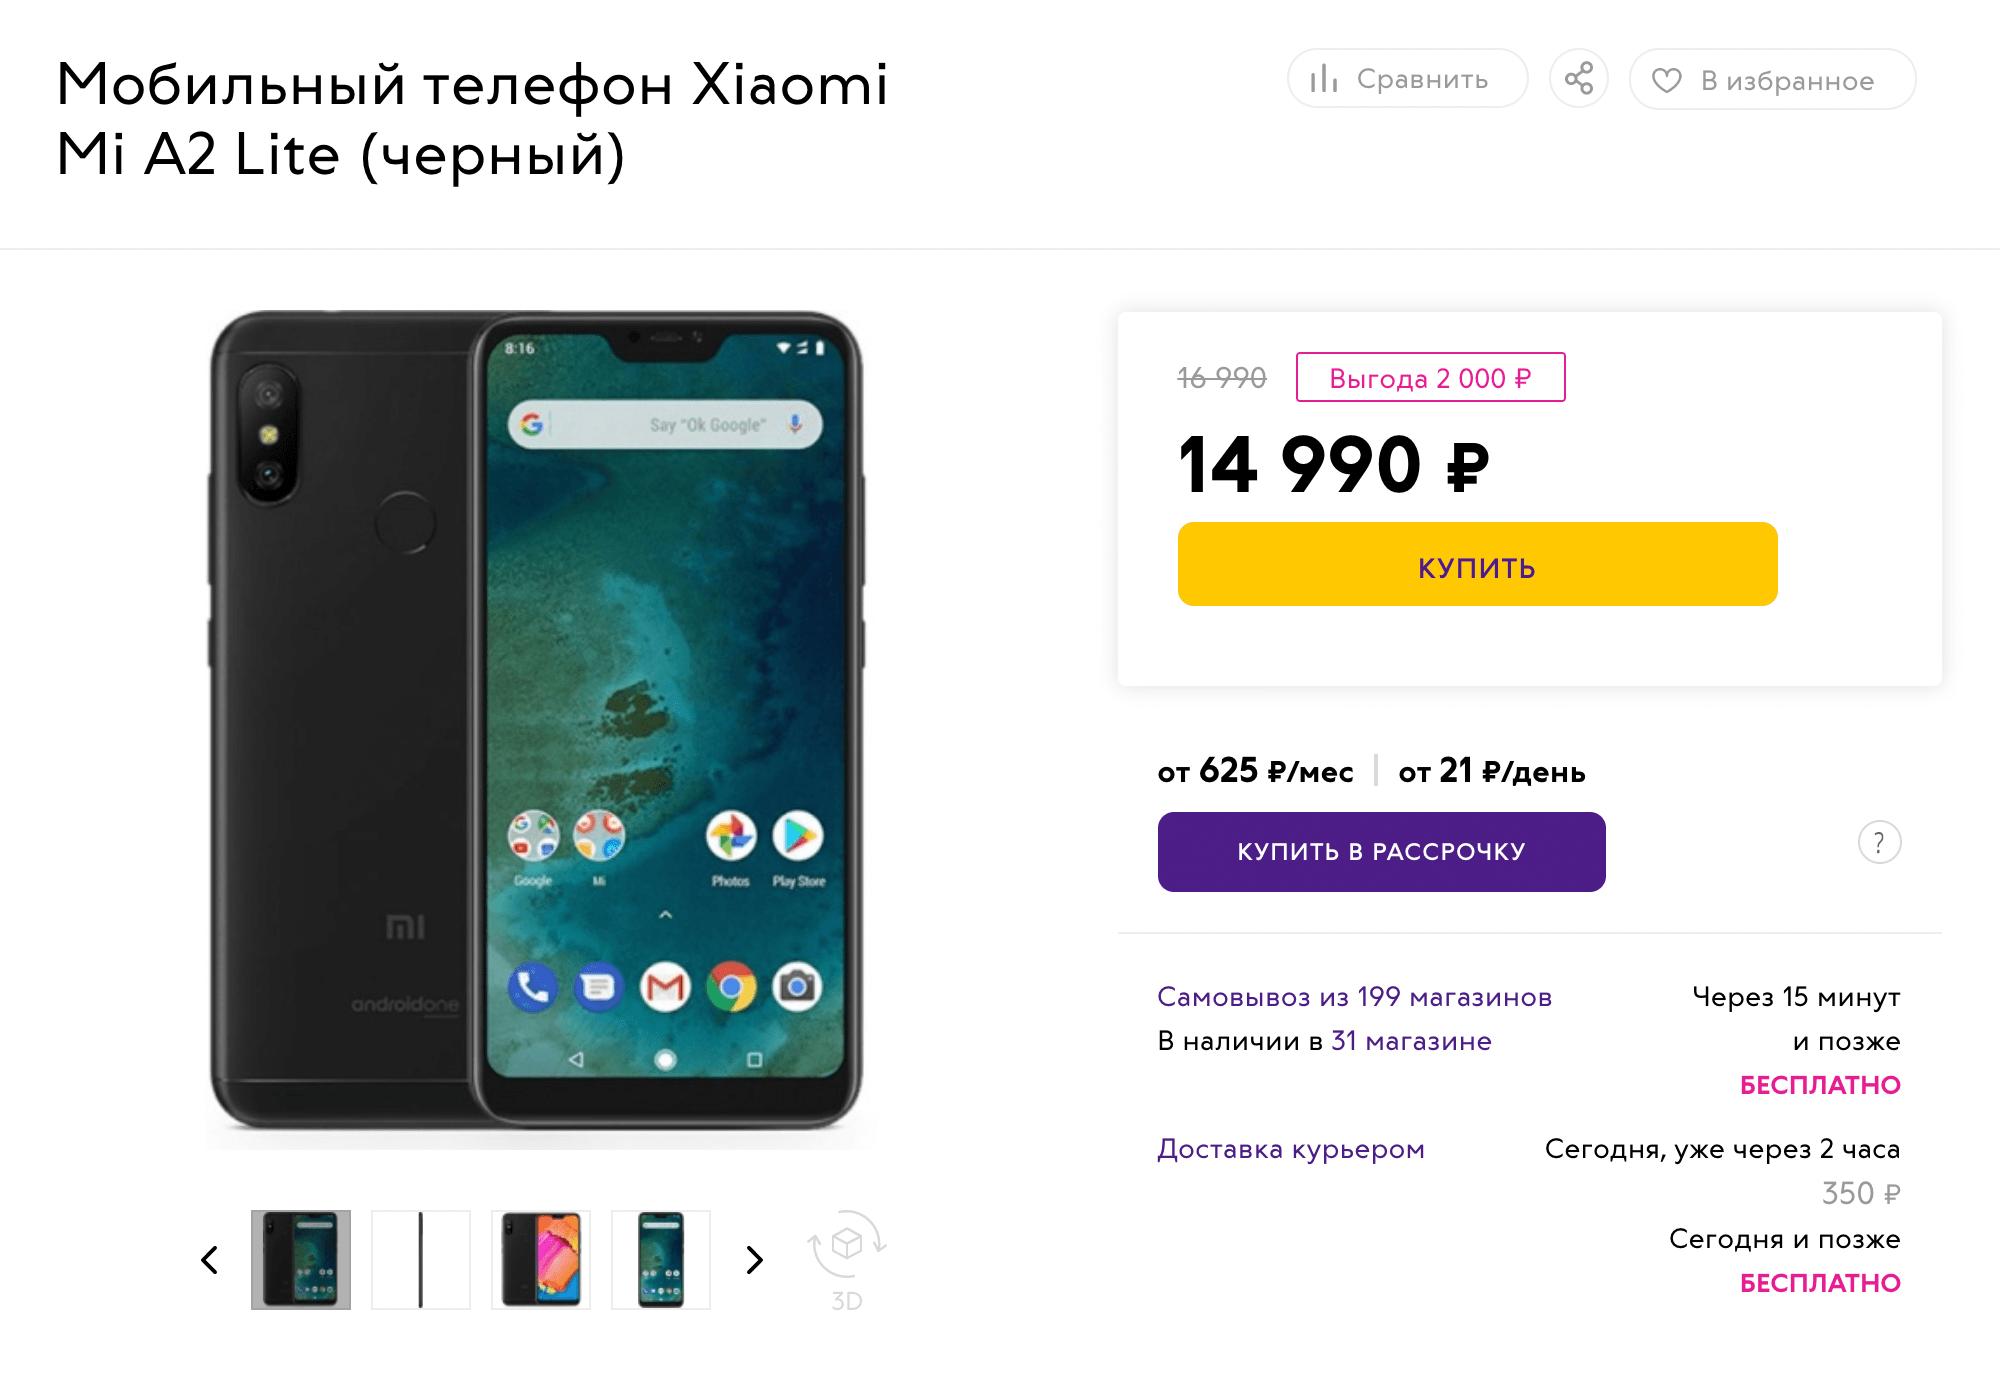 Телефон, который я покупал, магазин обещал продать за 14 990 рублей, но со всеми навязанными услугами выходило дороже почти на 6000 рублей